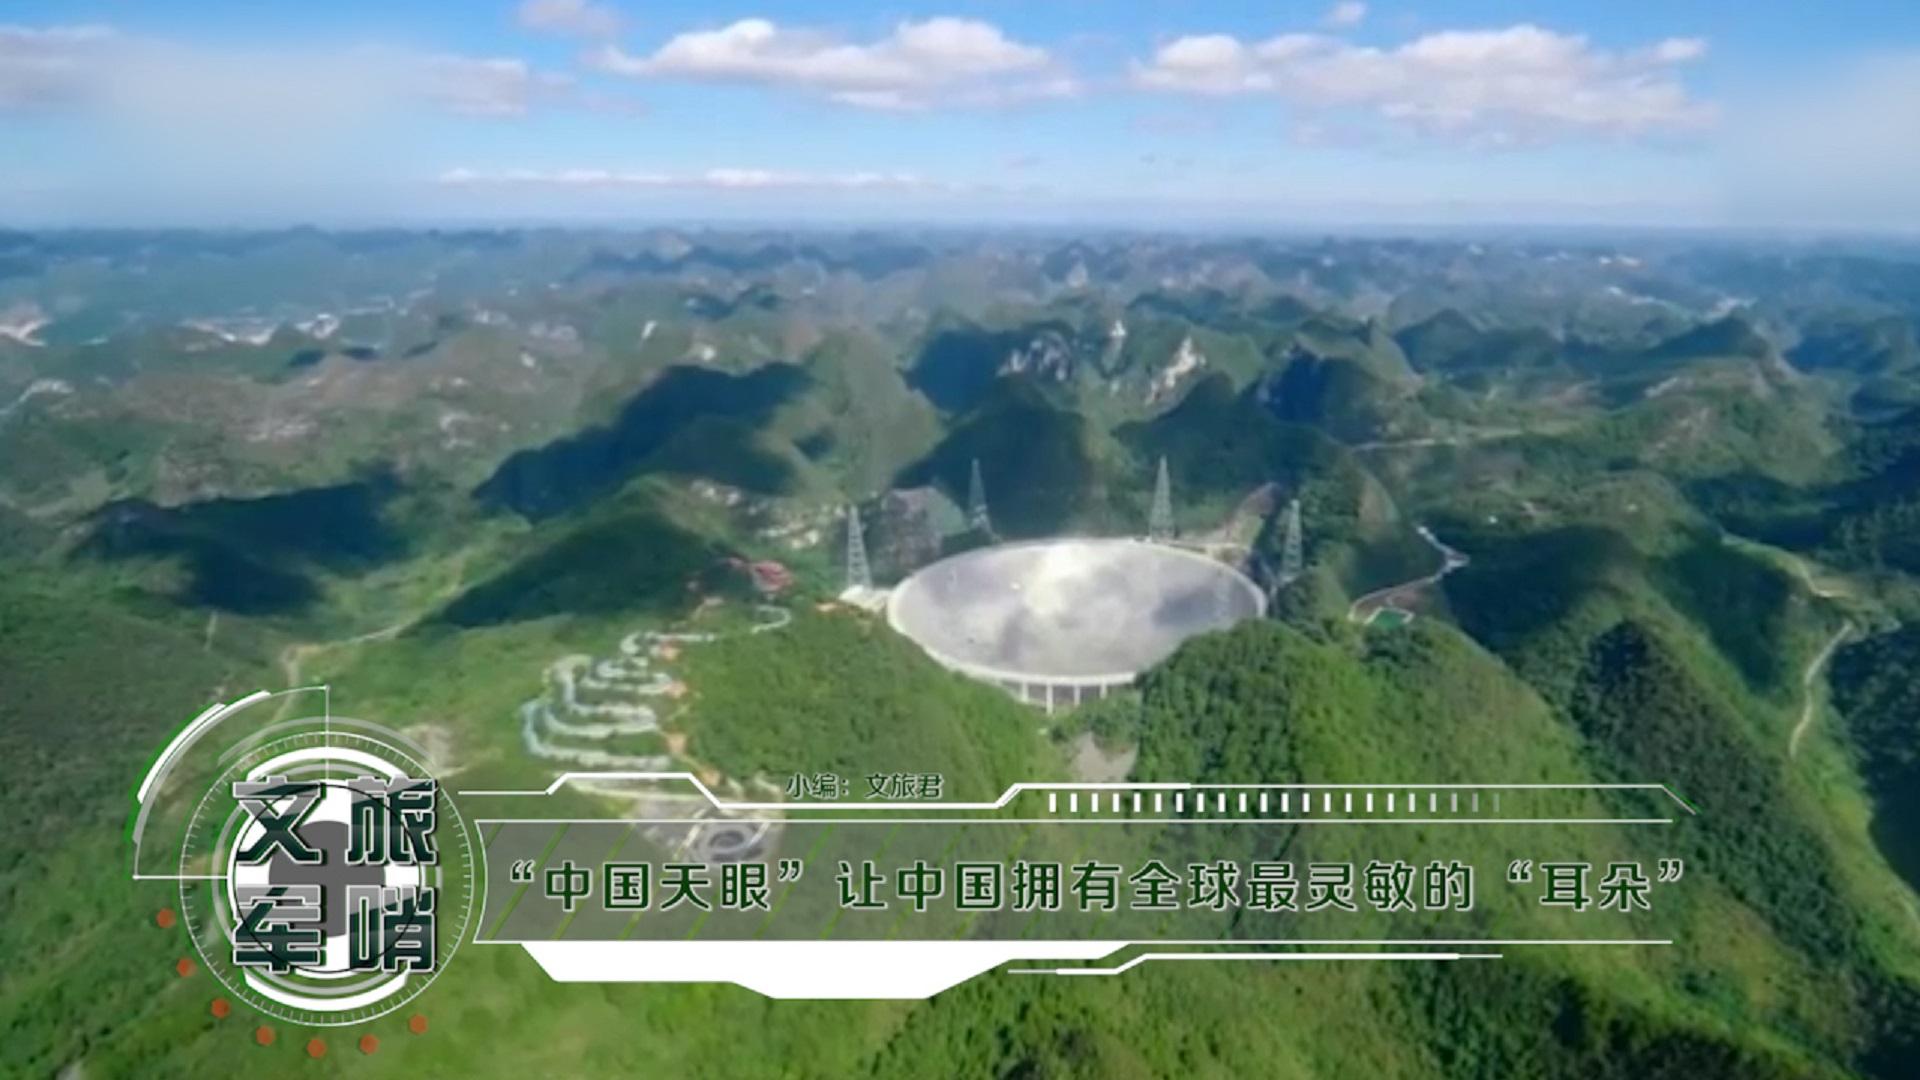 """""""中国天眼""""让中国拥有全球最灵敏的""""耳朵"""""""